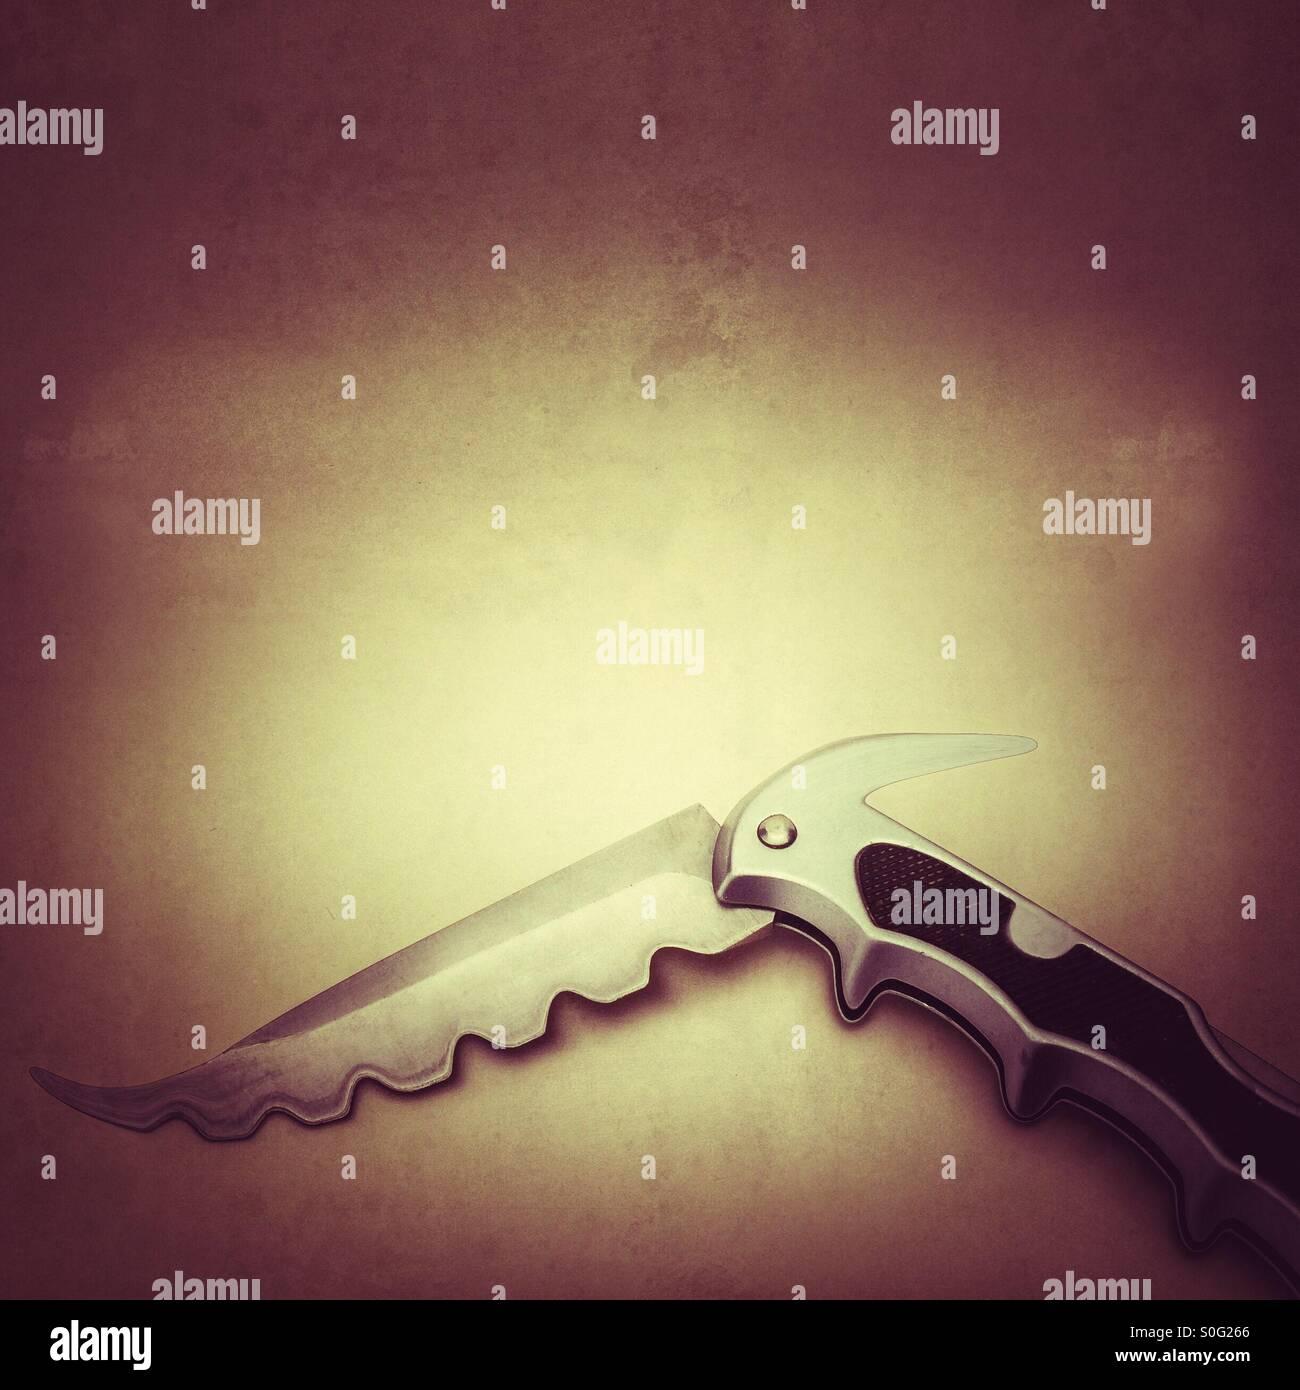 Nasty pericoloso cercando coltellino tascabile manipolati per dare swatted cercando blade Immagini Stock